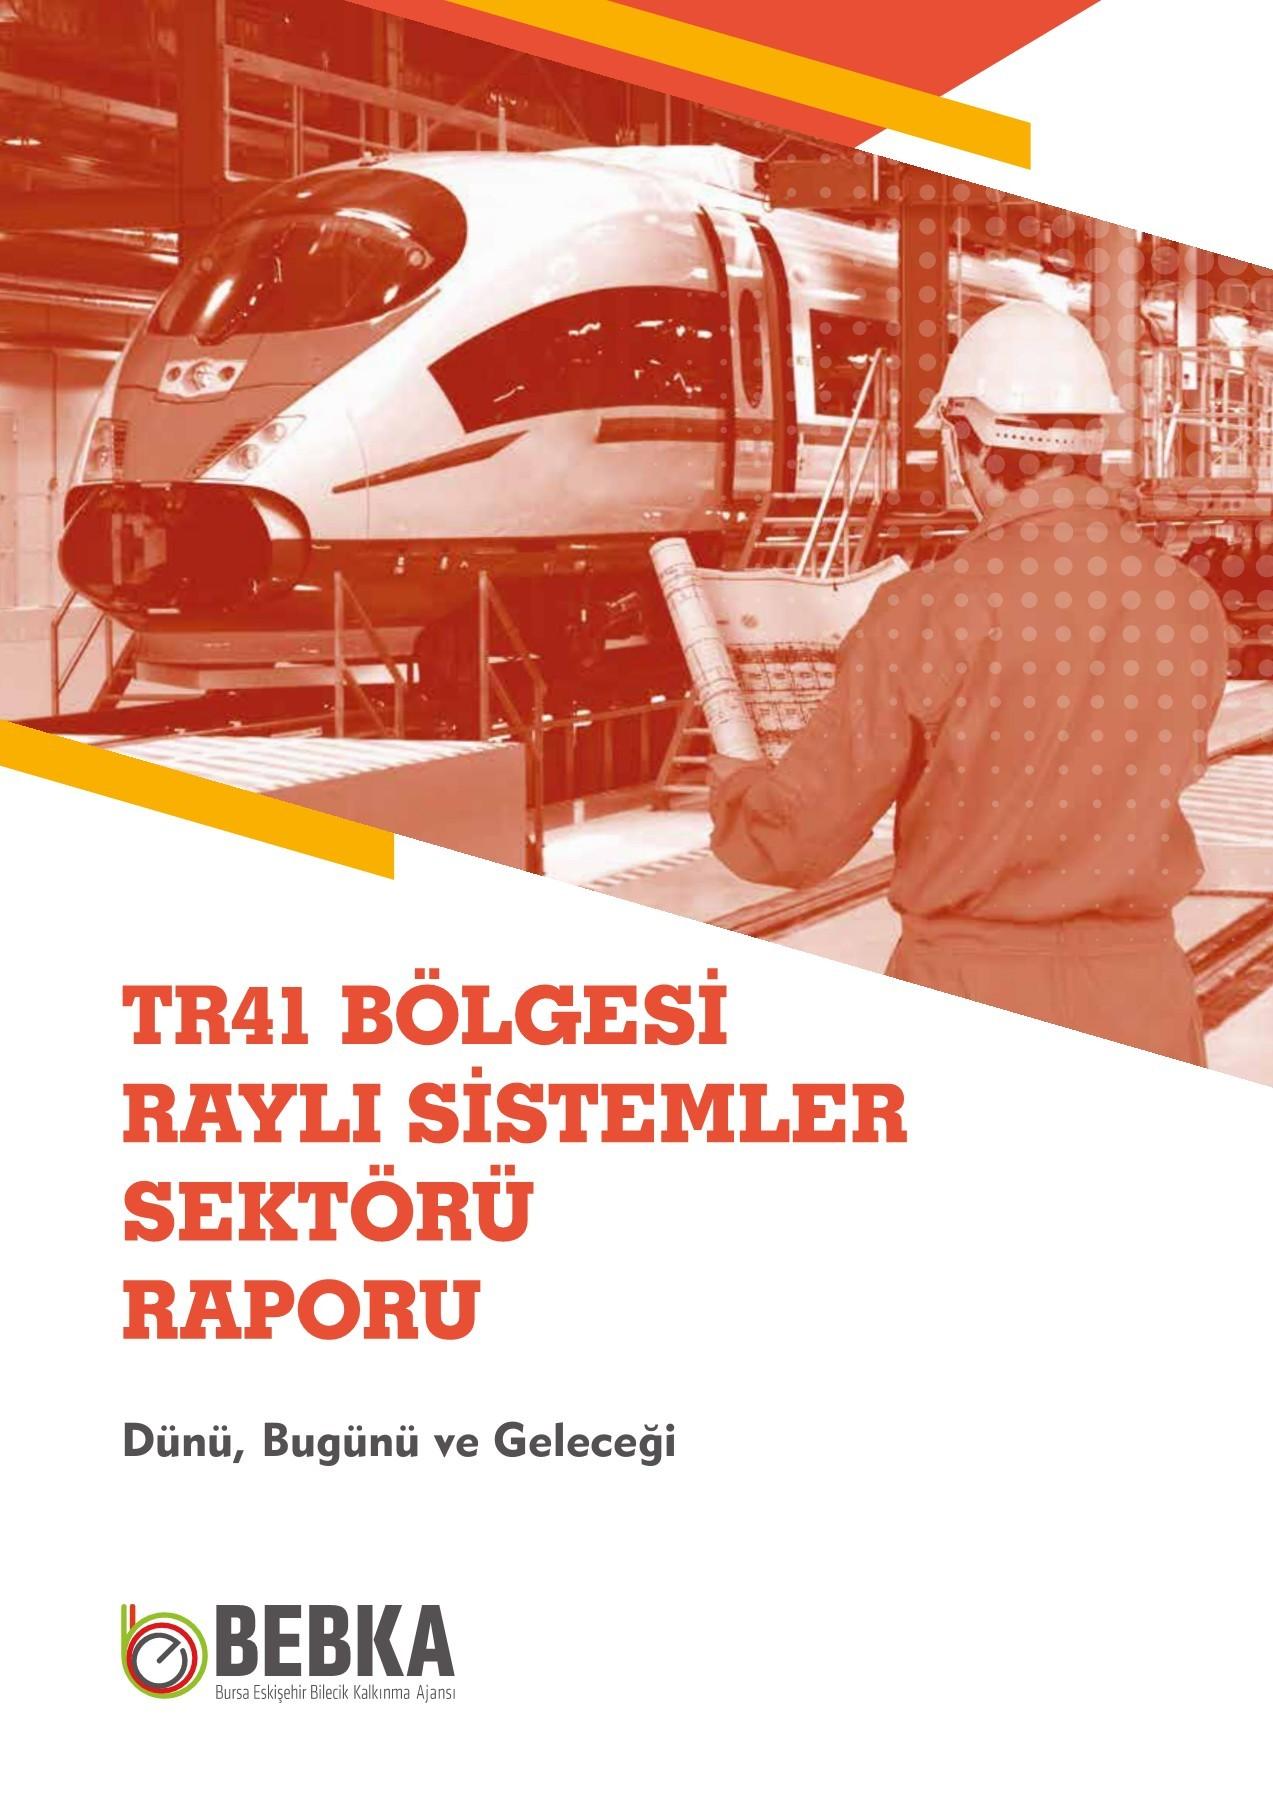 TR41 Bölgesi Raylı Sistemler Sektörü Raporu